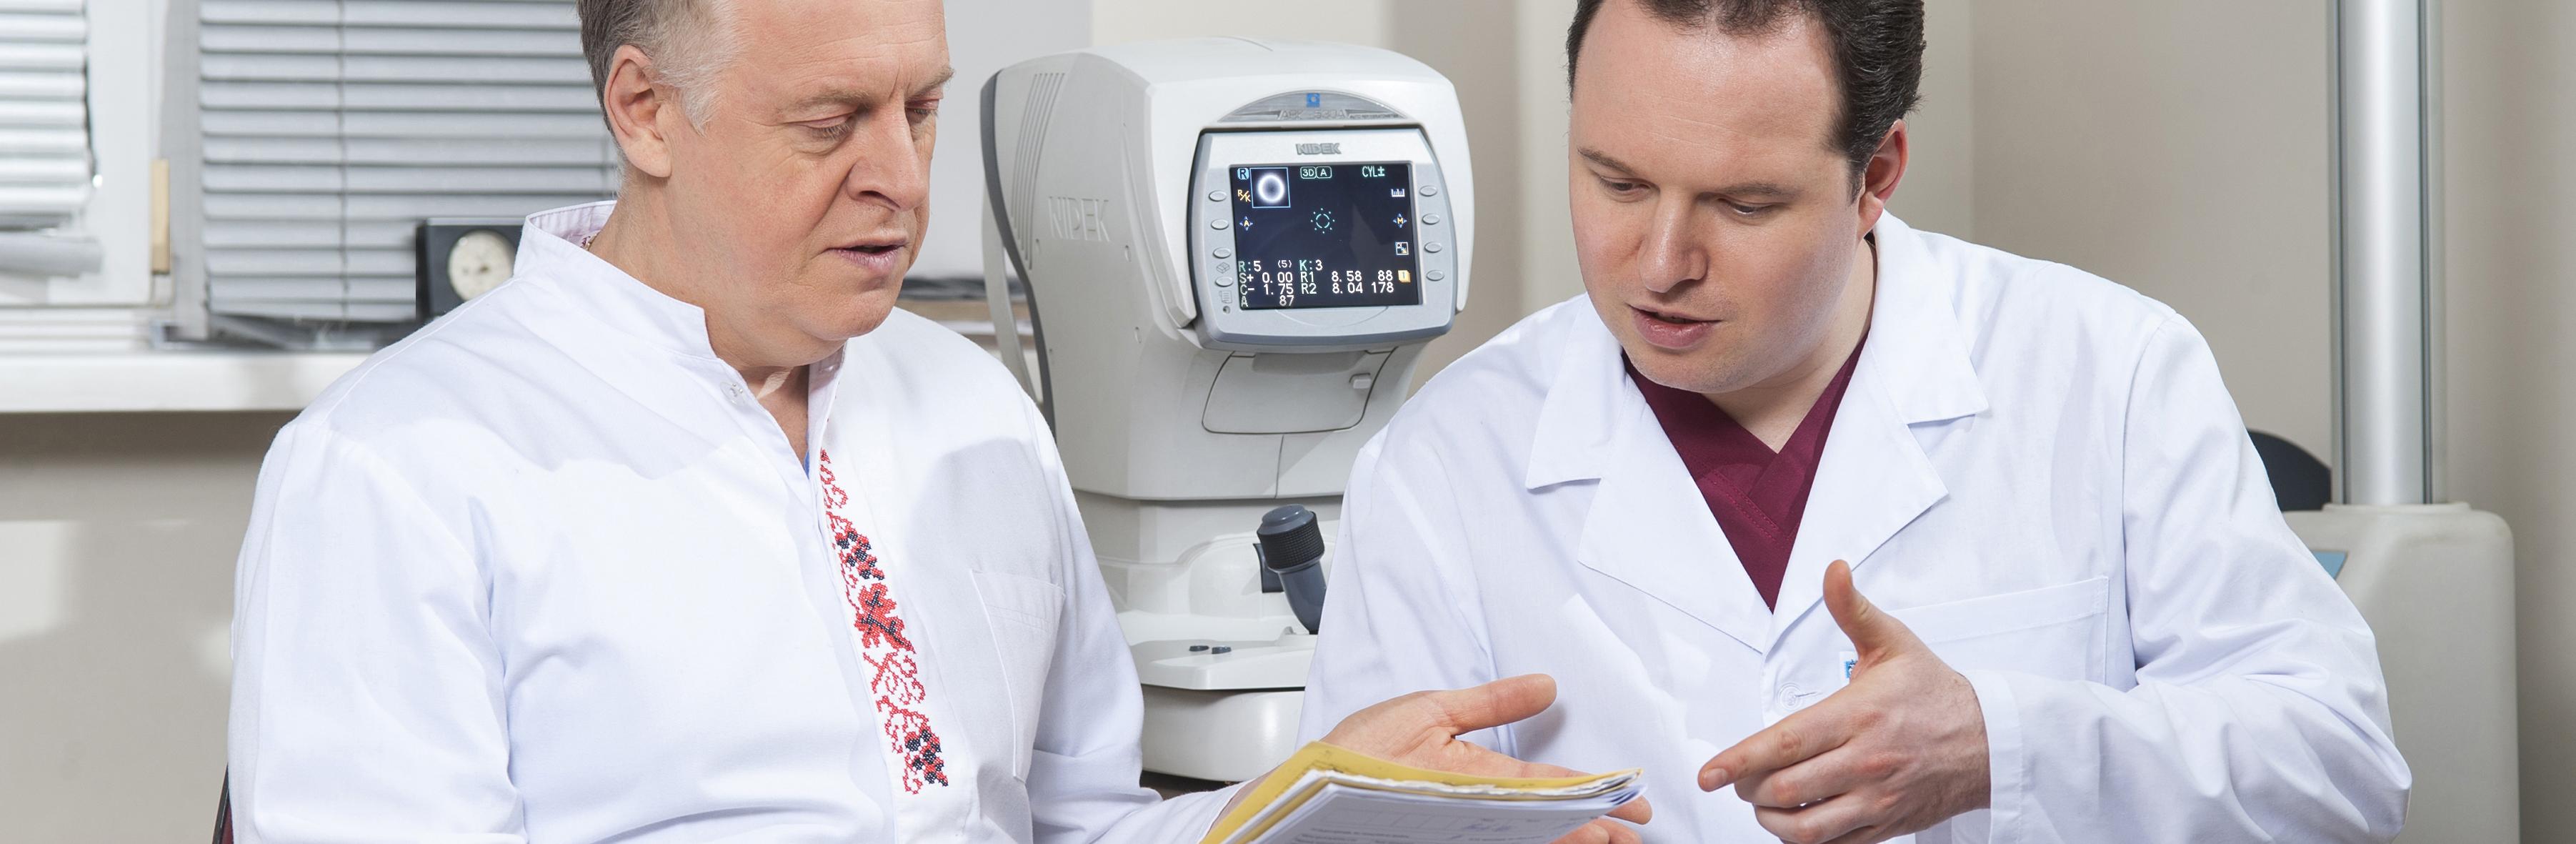 В медицинских центрах консультируют и проводят операции  высококвалифицированные специалисты a35ce2950dd51